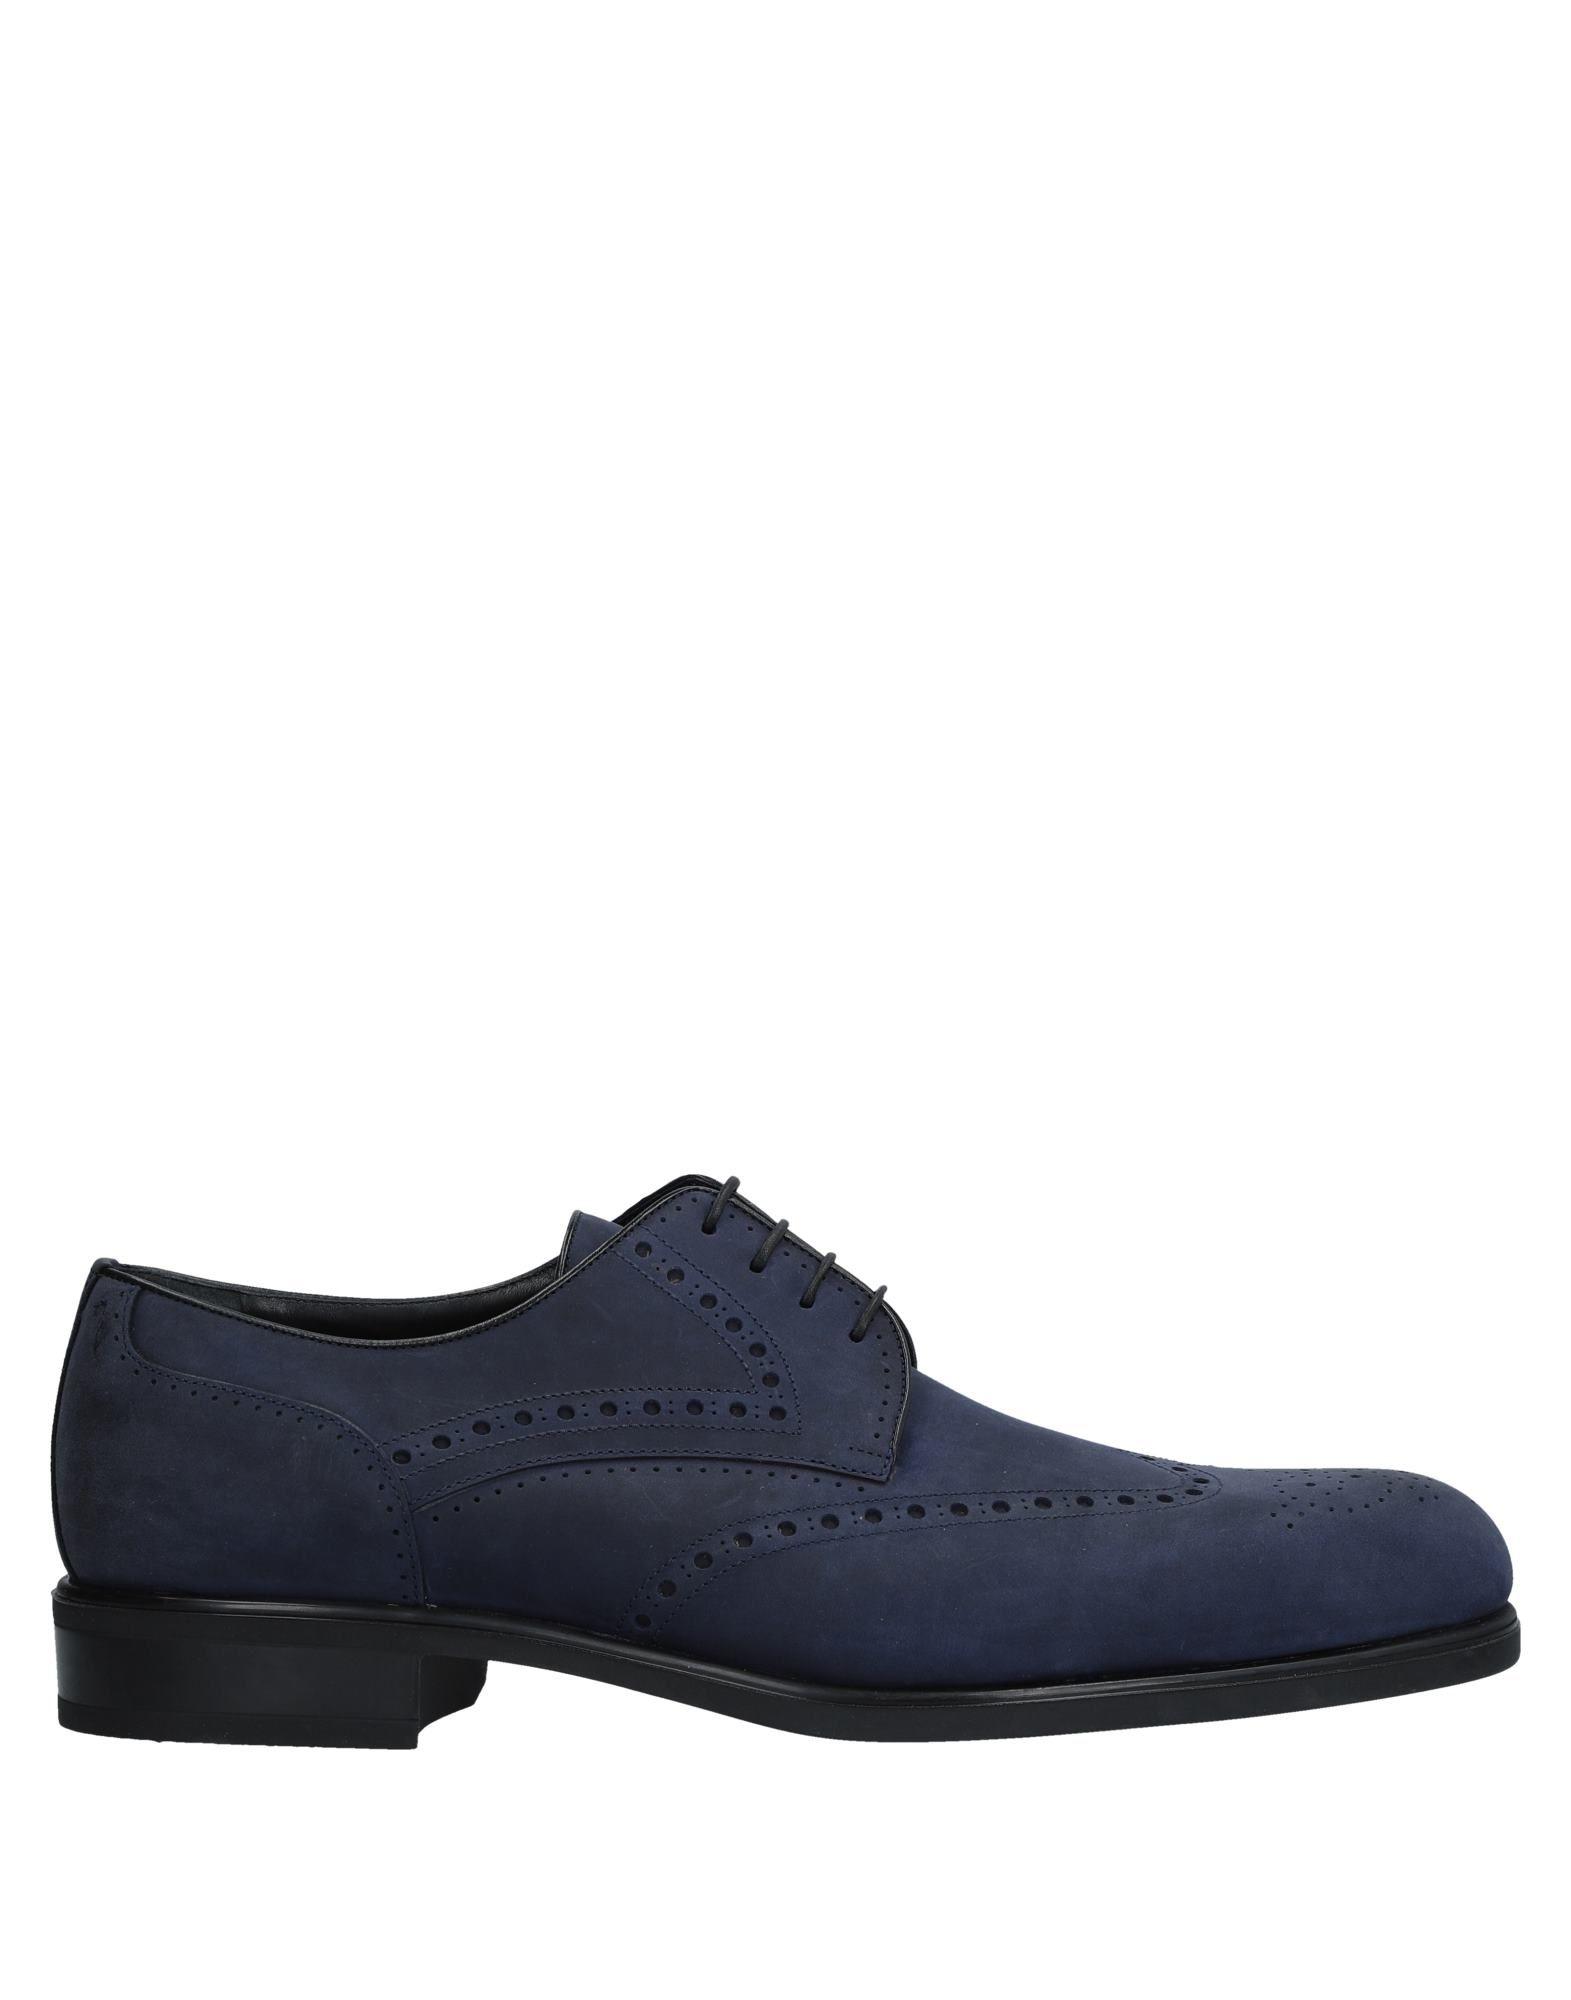 A.Testoni Schnürschuhe Herren  11543714SG Gute Qualität beliebte Schuhe